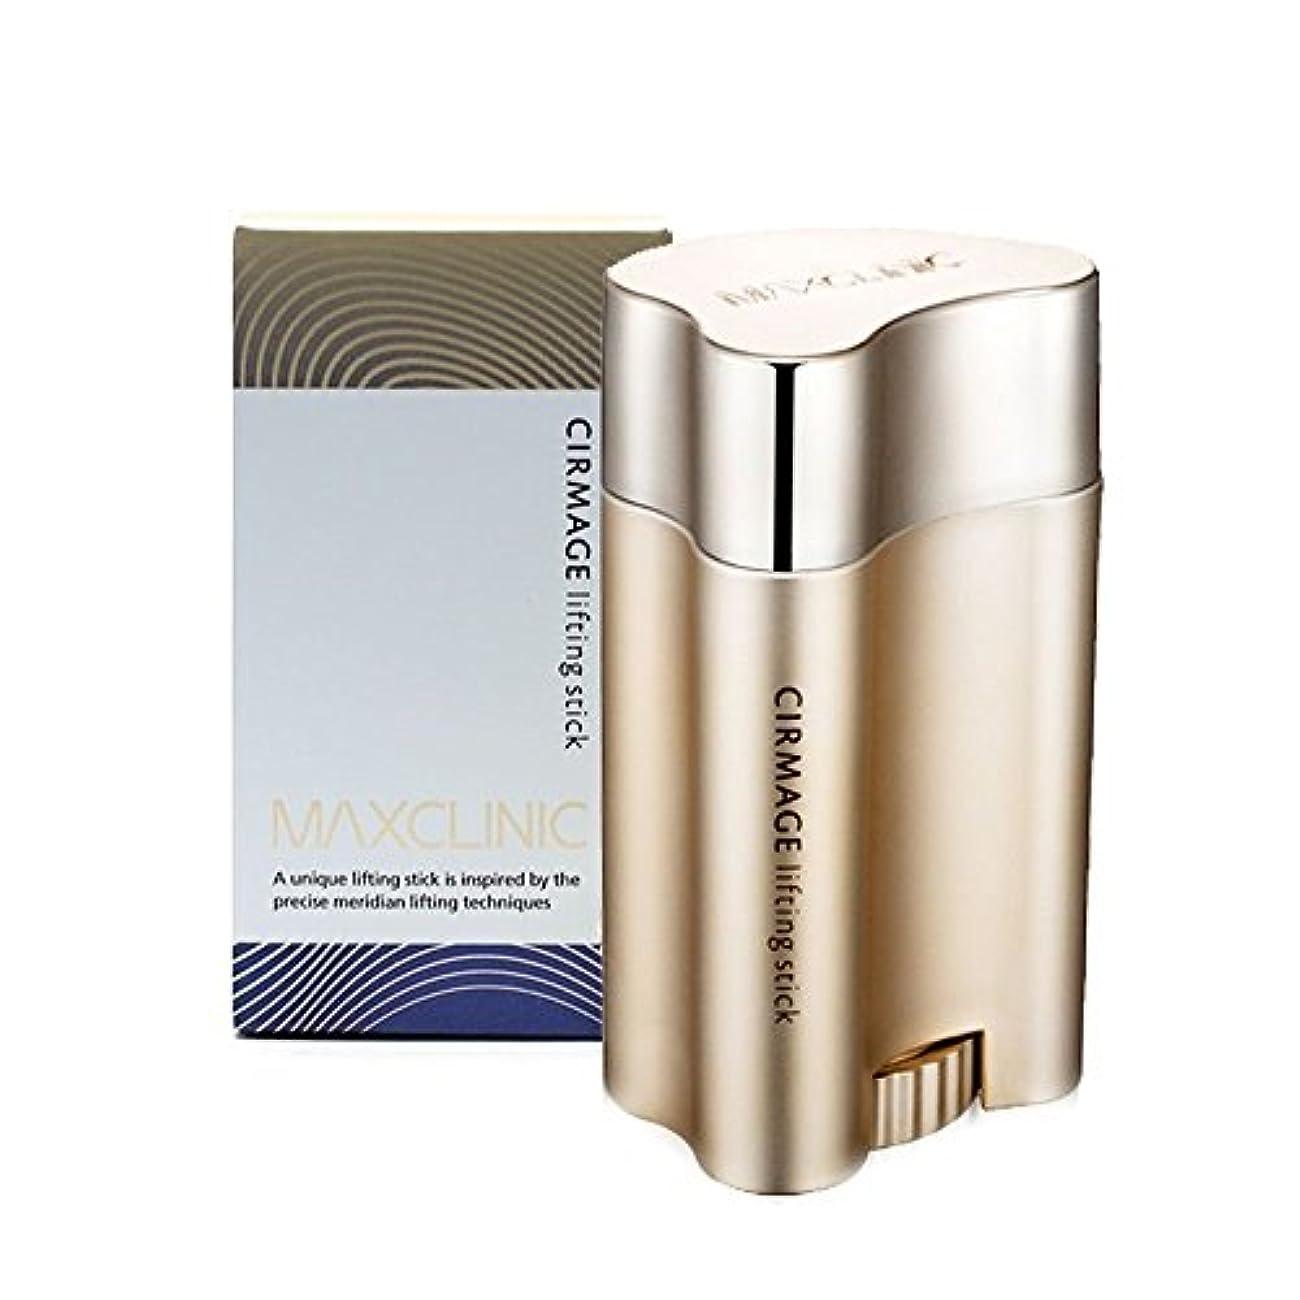 どちらかコミットメントシーボードMAXCLINIC マックスクリニック サーメージ リフティング スティック 23g(Cirmage Lifting Stick 23g)/Direct from Korea/w free Gift Sample [並行輸入品]